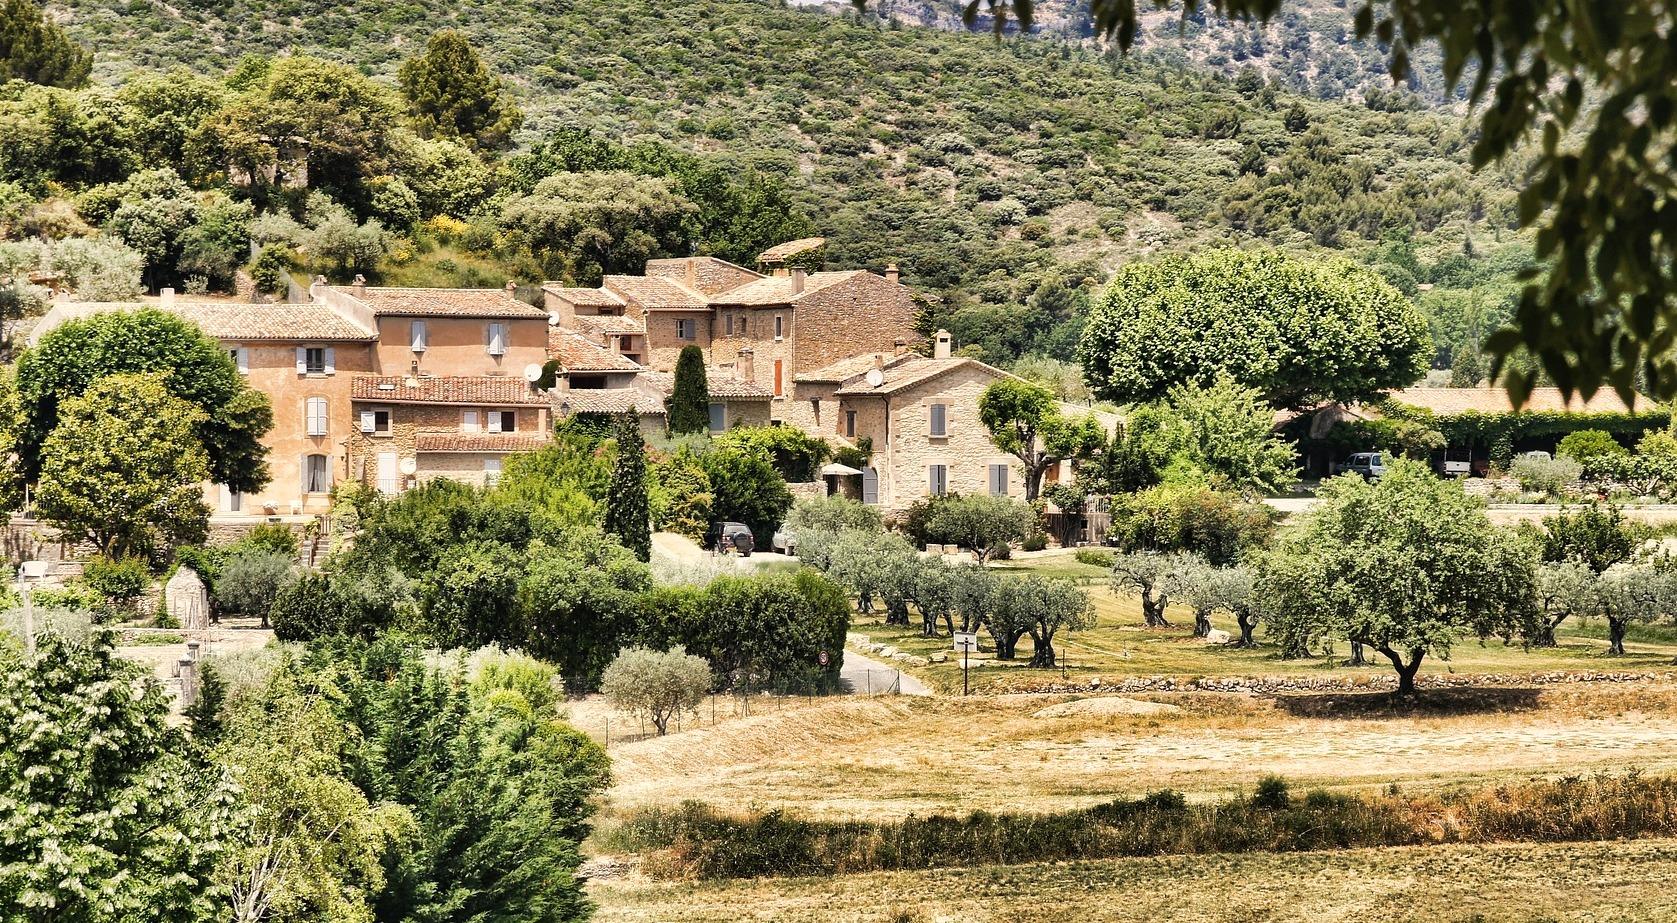 Petite escapade œnologique en Provence - Provence - Bandol, lavandes et calanques - 2